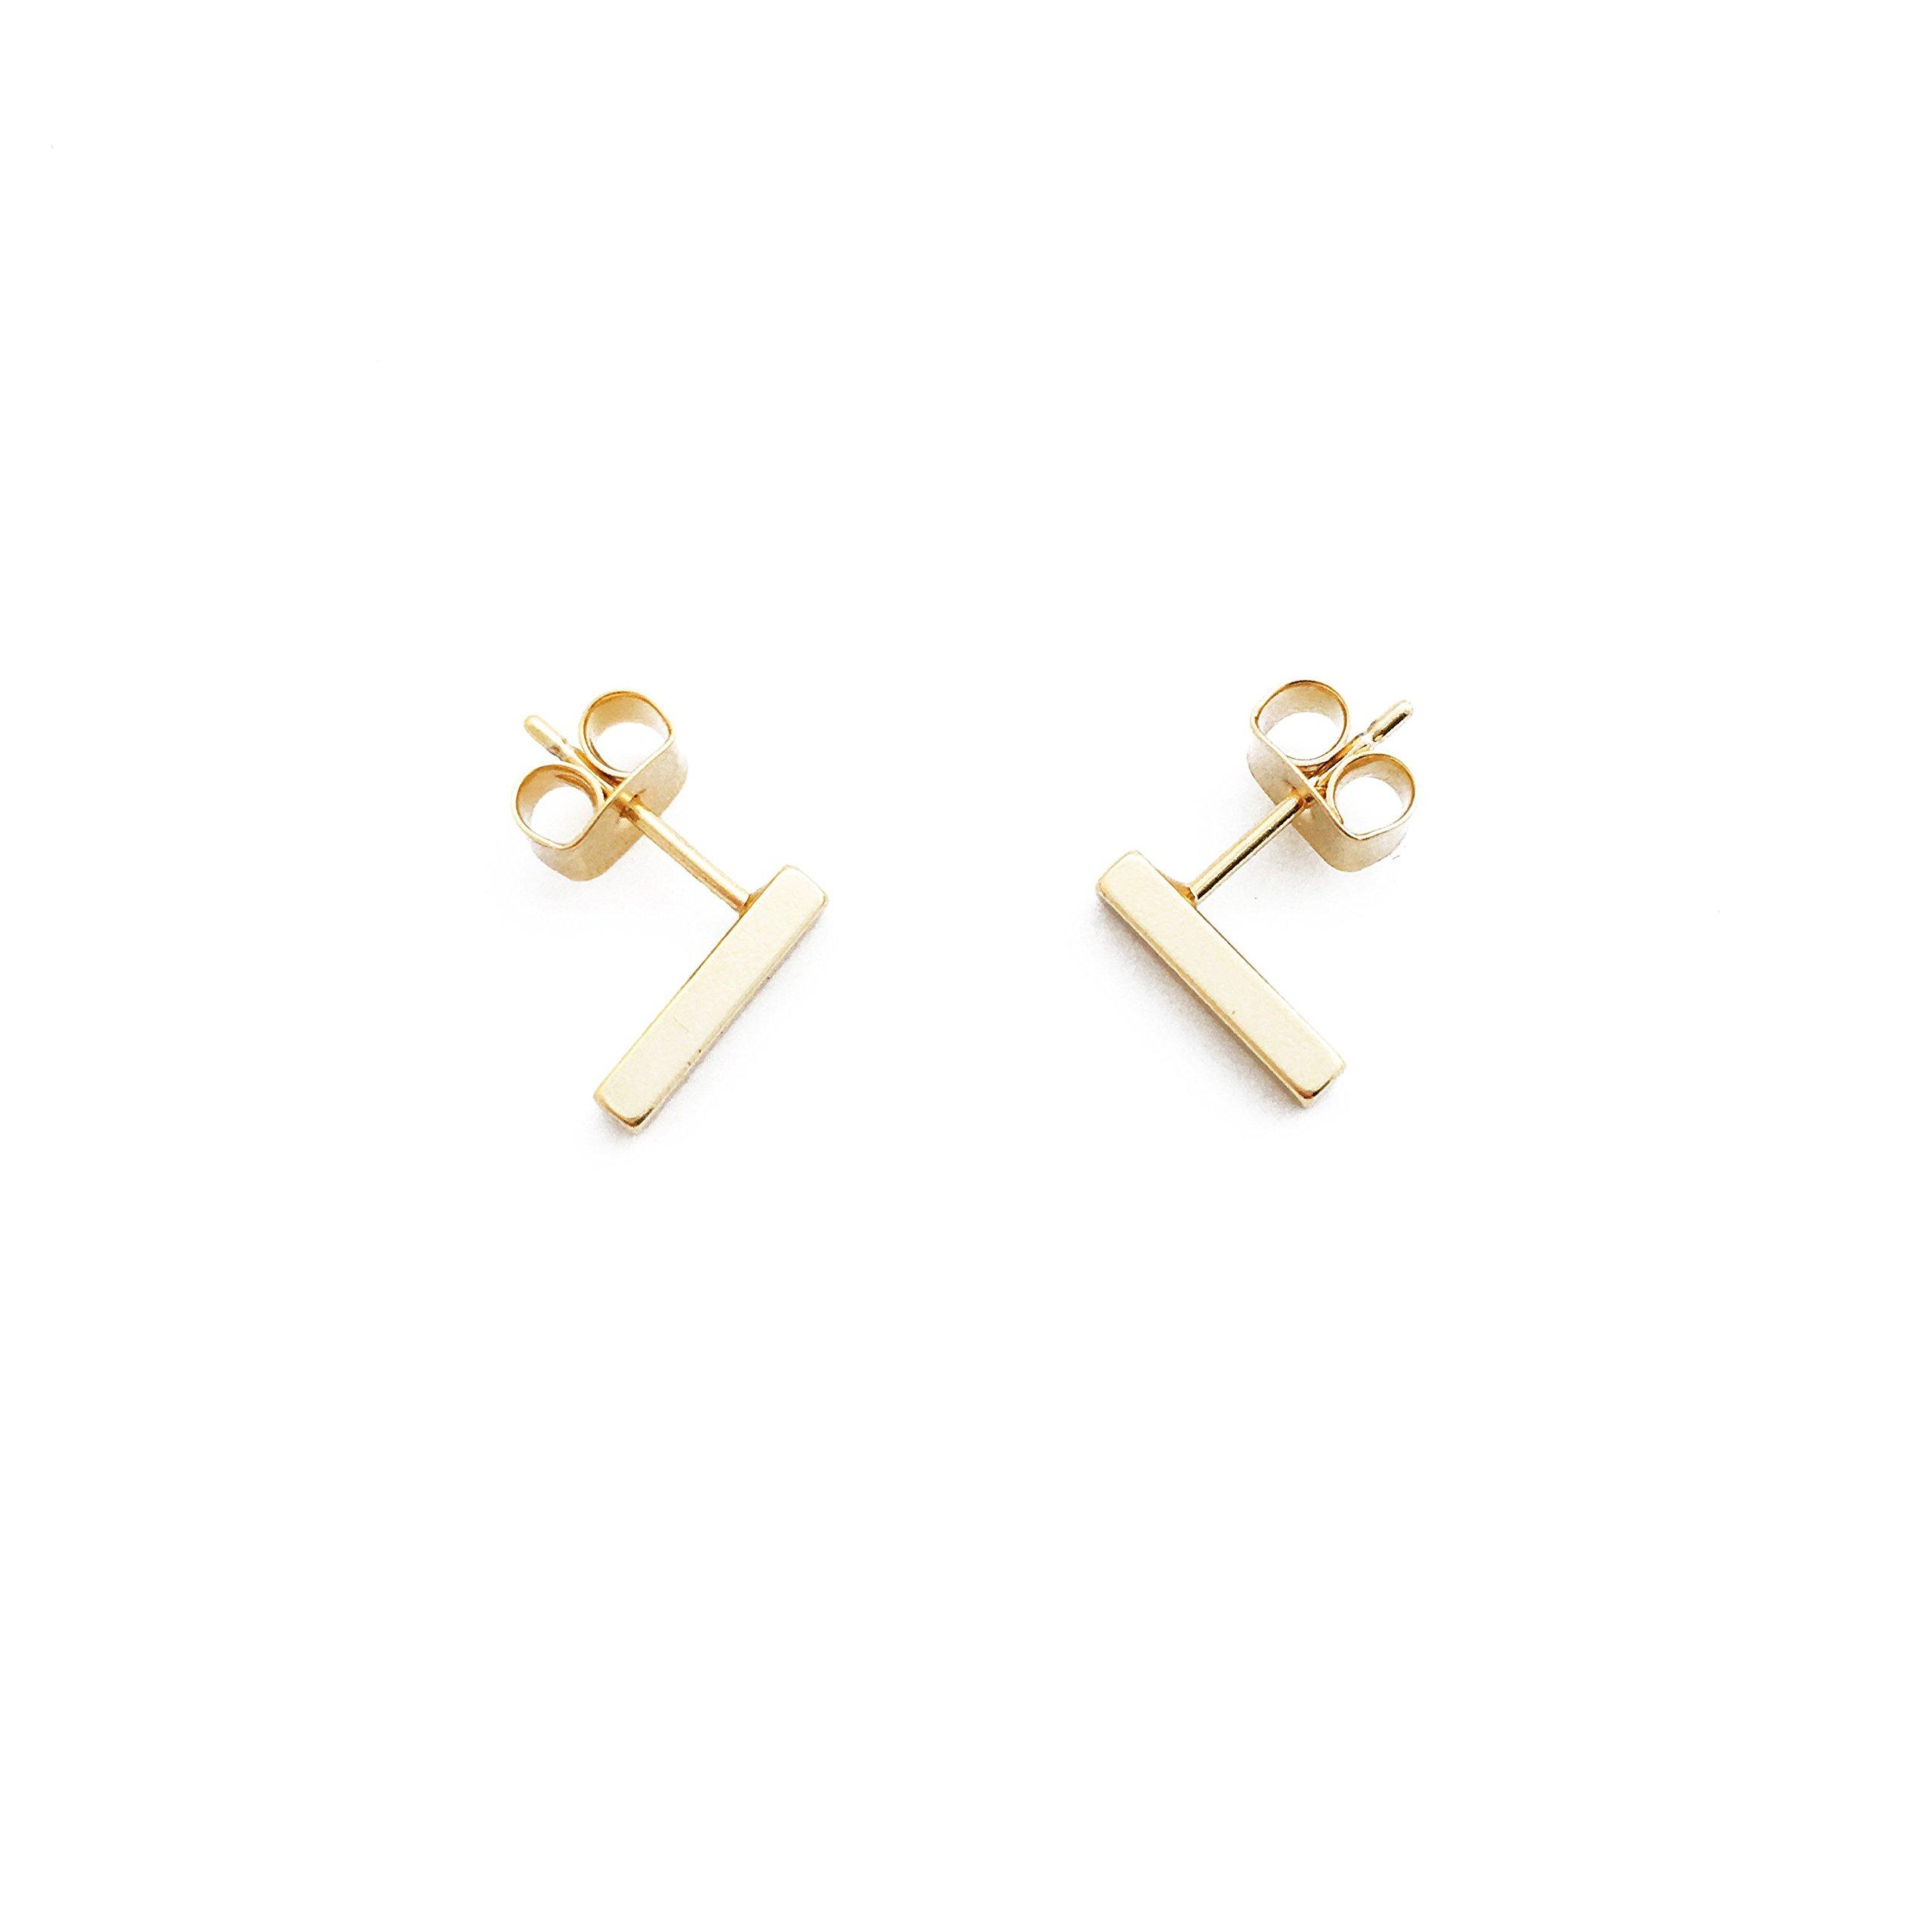 HONEYCAT Flat Drop Bar Stud Earrings in 24k Gold Plate | Minimalist, Delicate Jewelry (Gold)